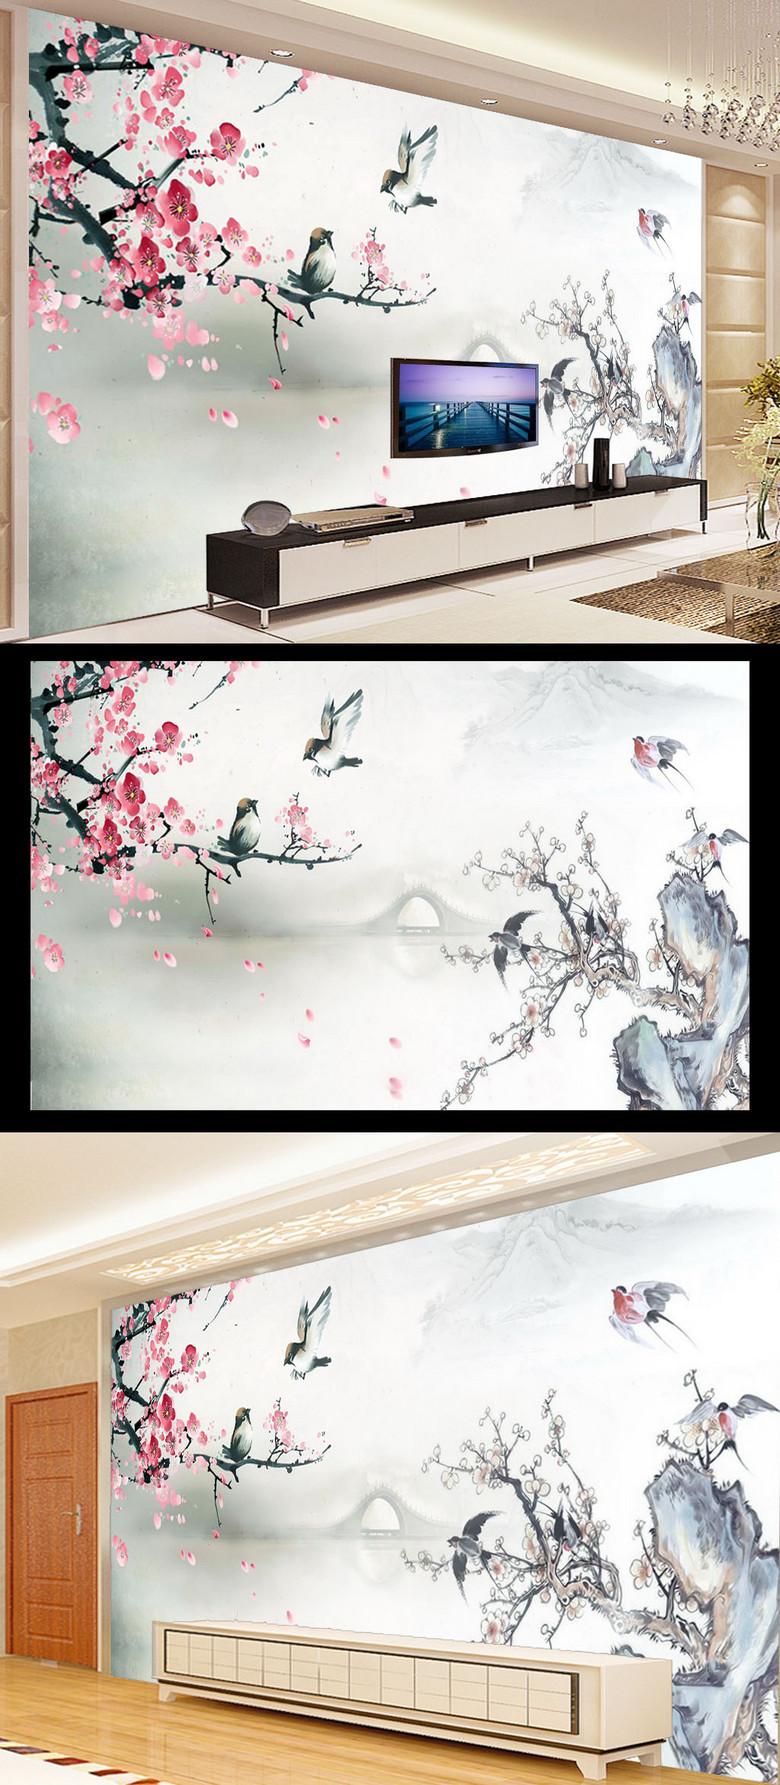 山水花鸟画客厅电视背景墙装饰模板效果图 12686360 客厅电视背景墙